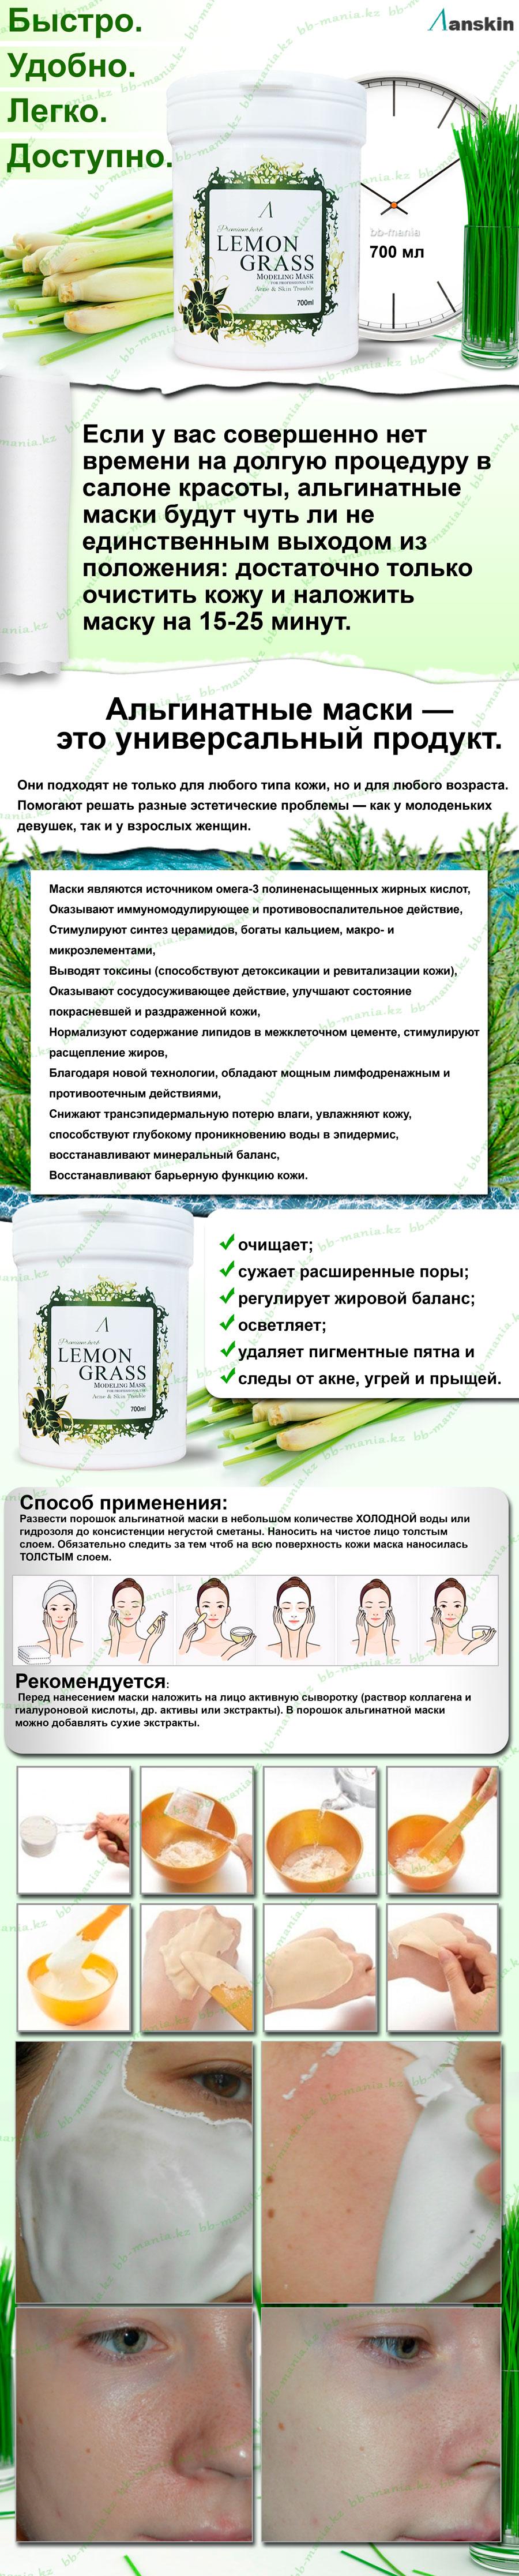 lemon-Grass-min